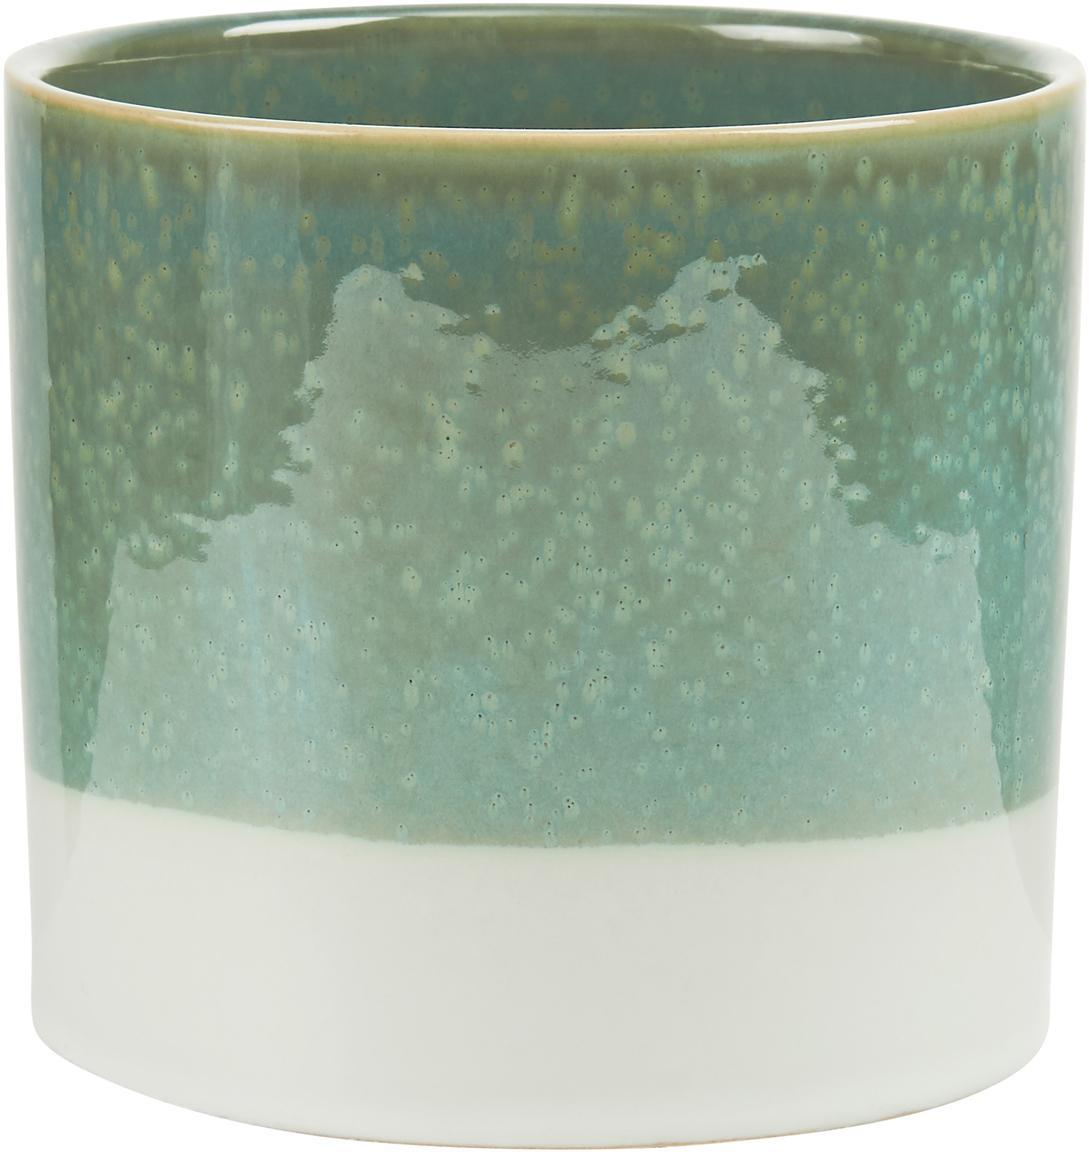 Osłonka na doniczkę Early Spring, Kamionka, Zielony, biały, Ø 14 x W 13 cm